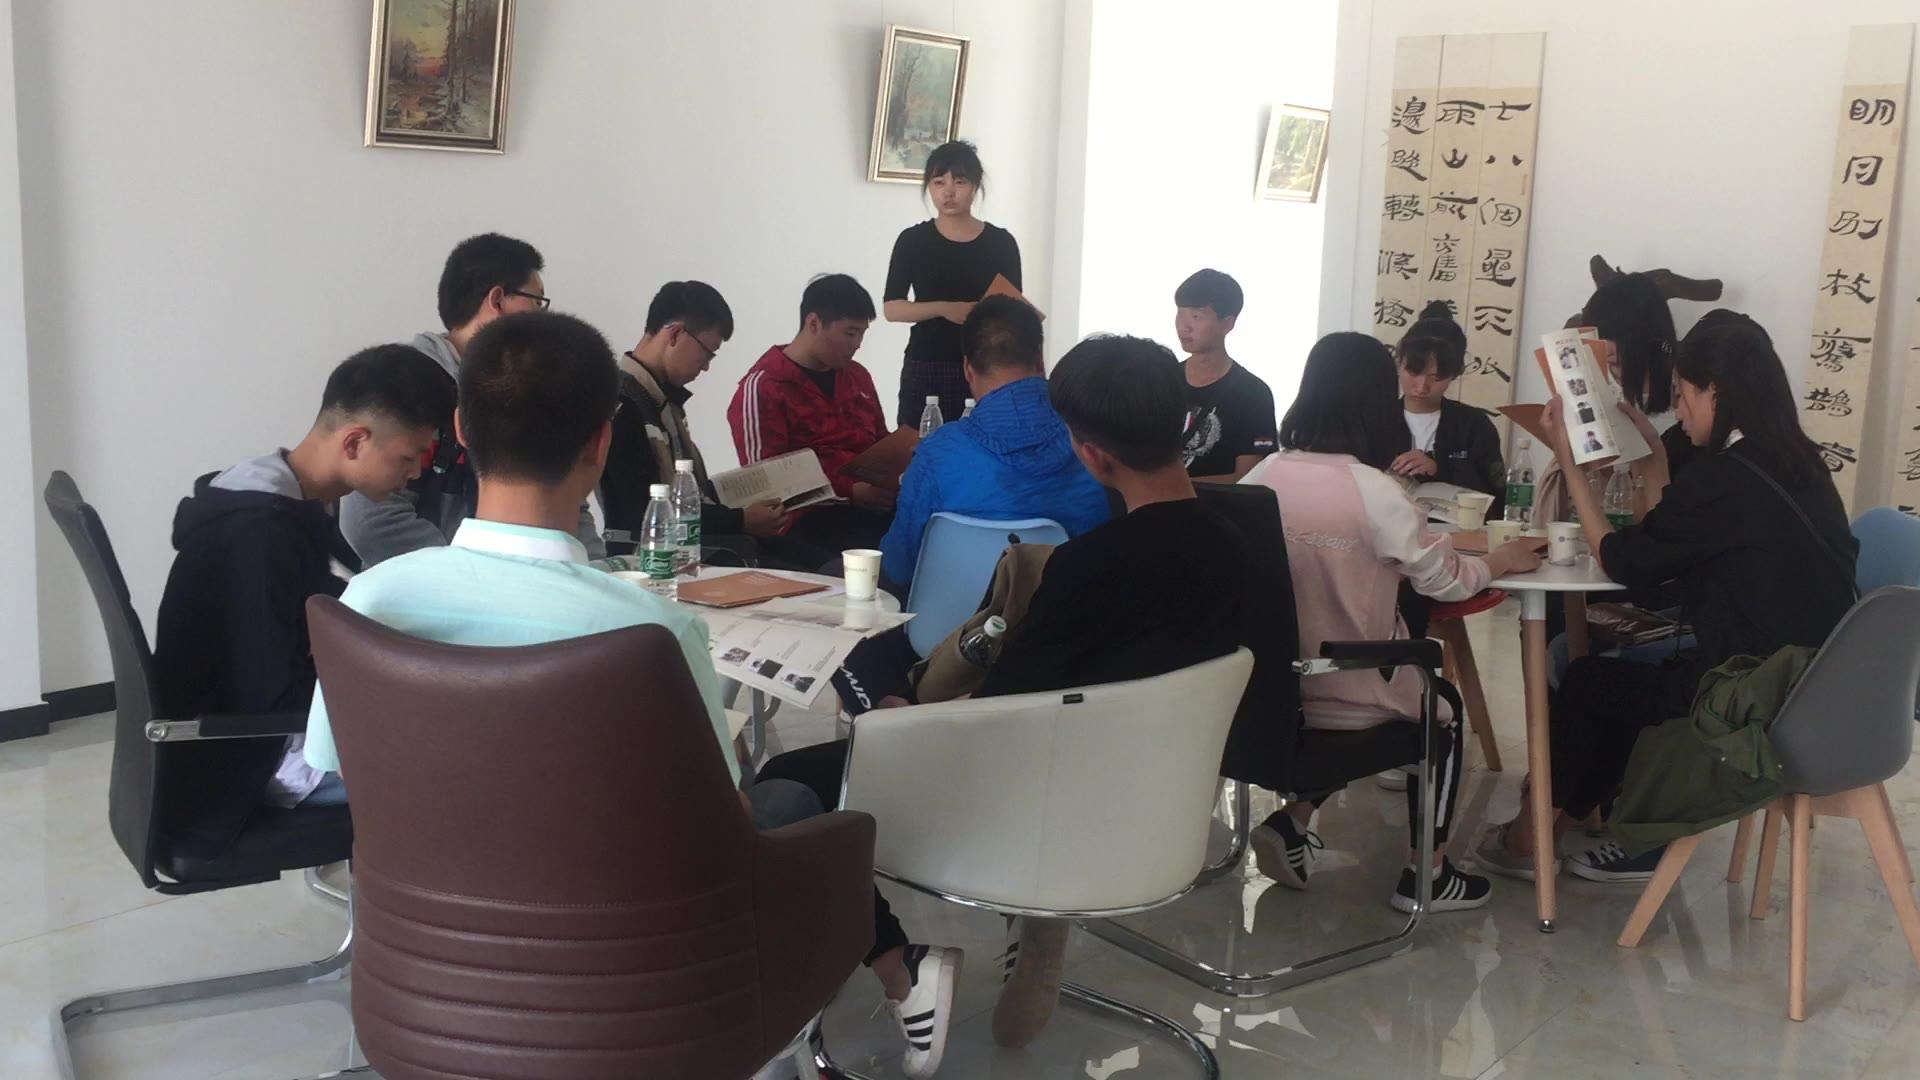 王老师在给同学们讲解如何用同一种方法思考素描水粉水彩